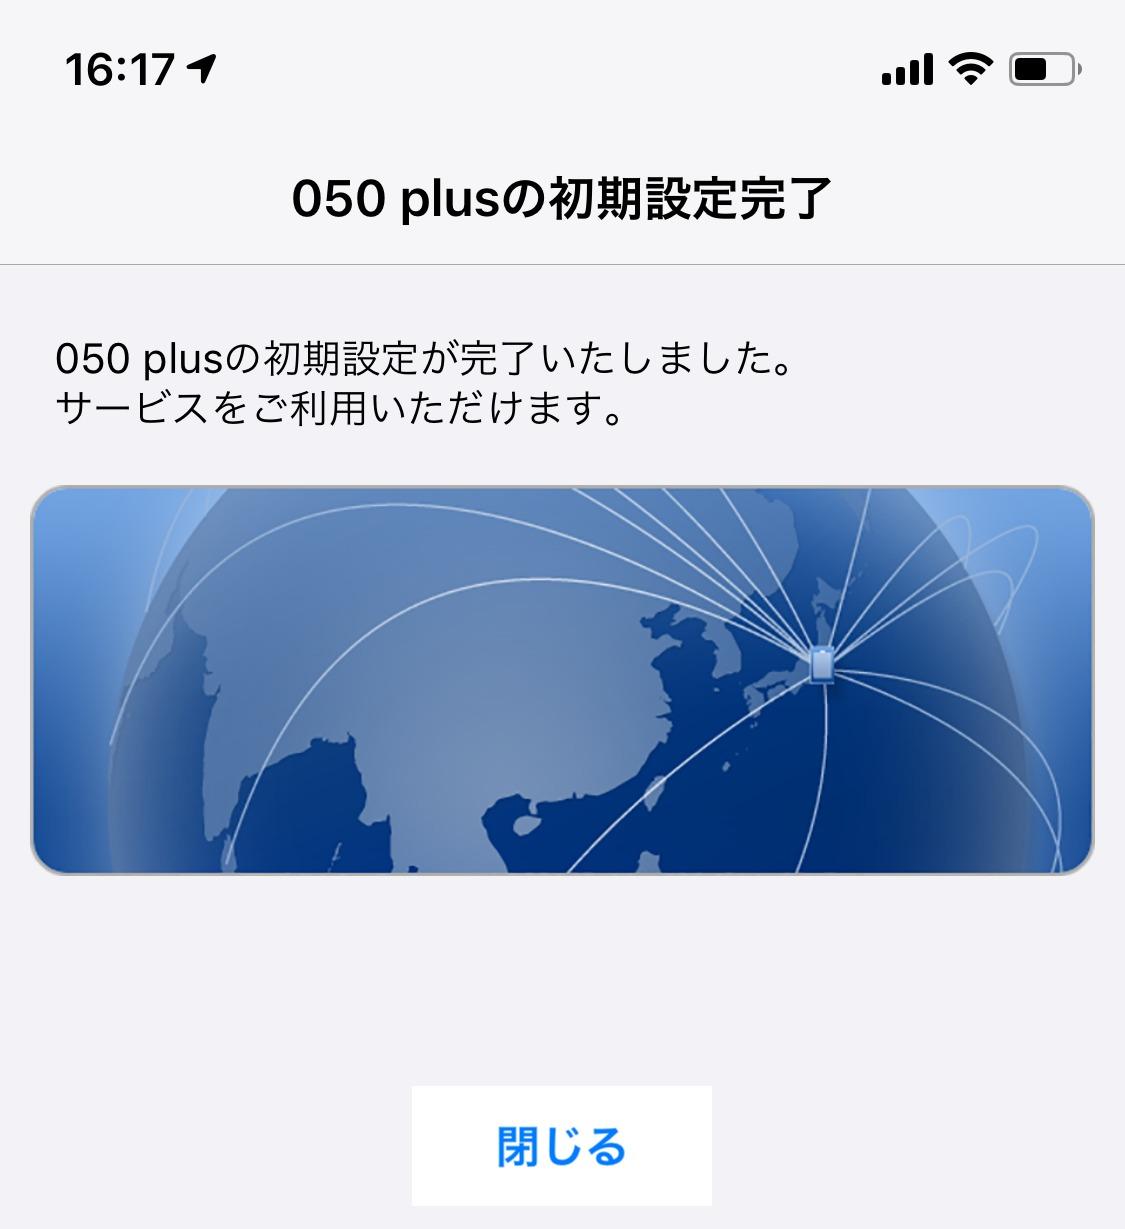 050plusアプリ初期設定完了